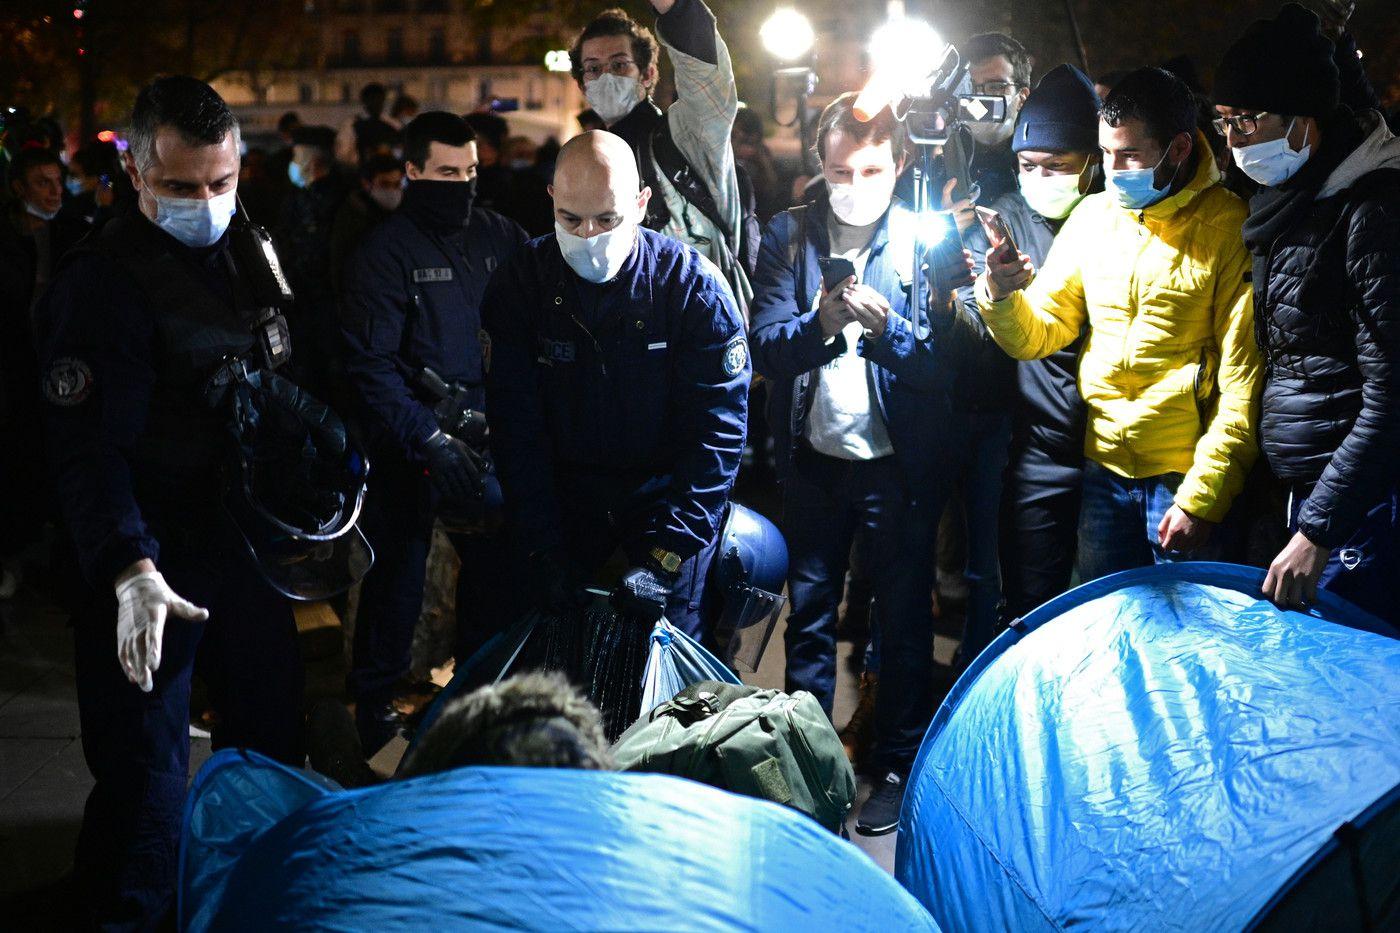 Lors de l'évacuation du campement de migrants sur la place de la République, à Paris, dans la soirée de lundi 23 novembre. MARTIN BUREAU/AFP